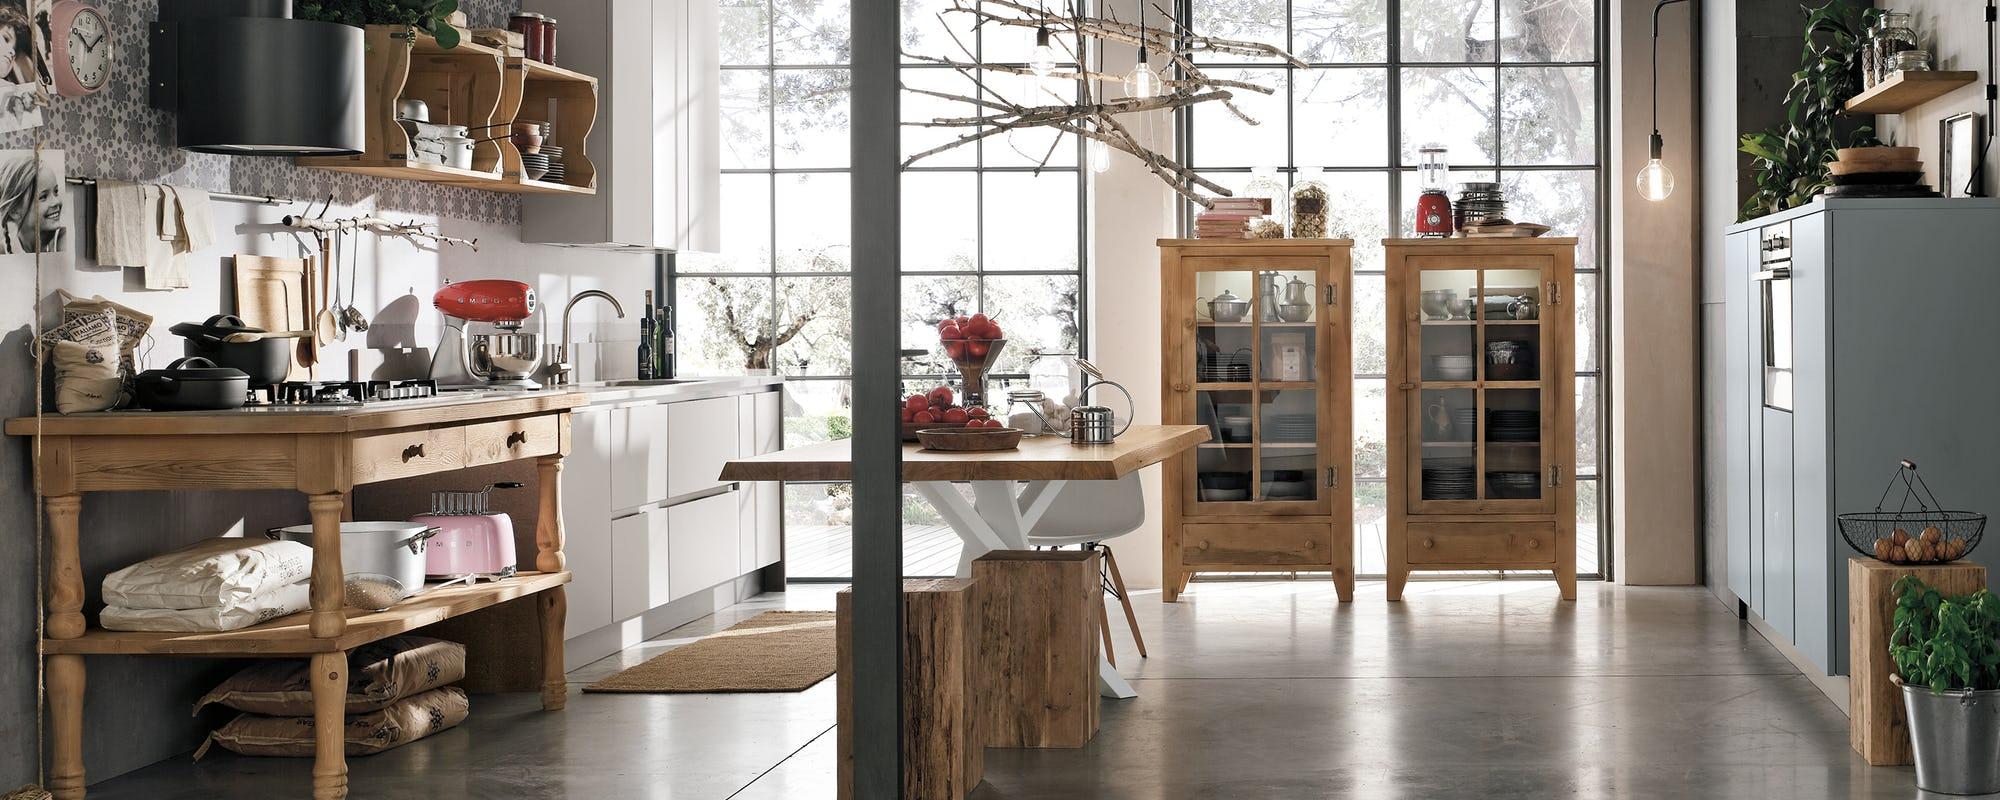 Lombardo arredi cucine camerette arredo giardino mobili for Arredando trapani catalogo